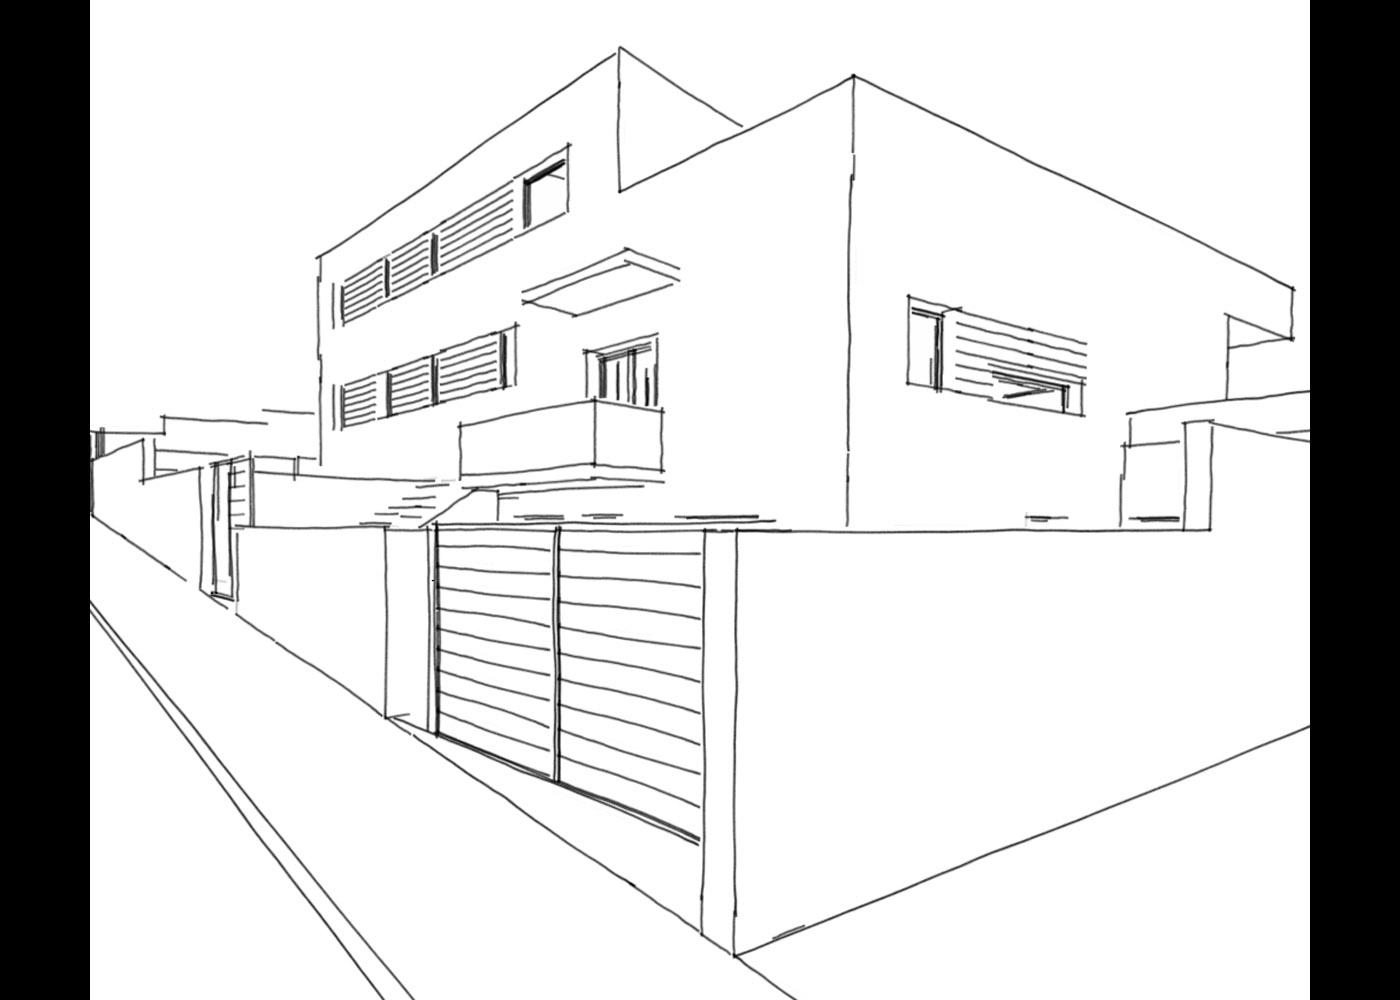 single-family-house-miranda-19-mas-alba-sant-pere-ribes-barcelona-09